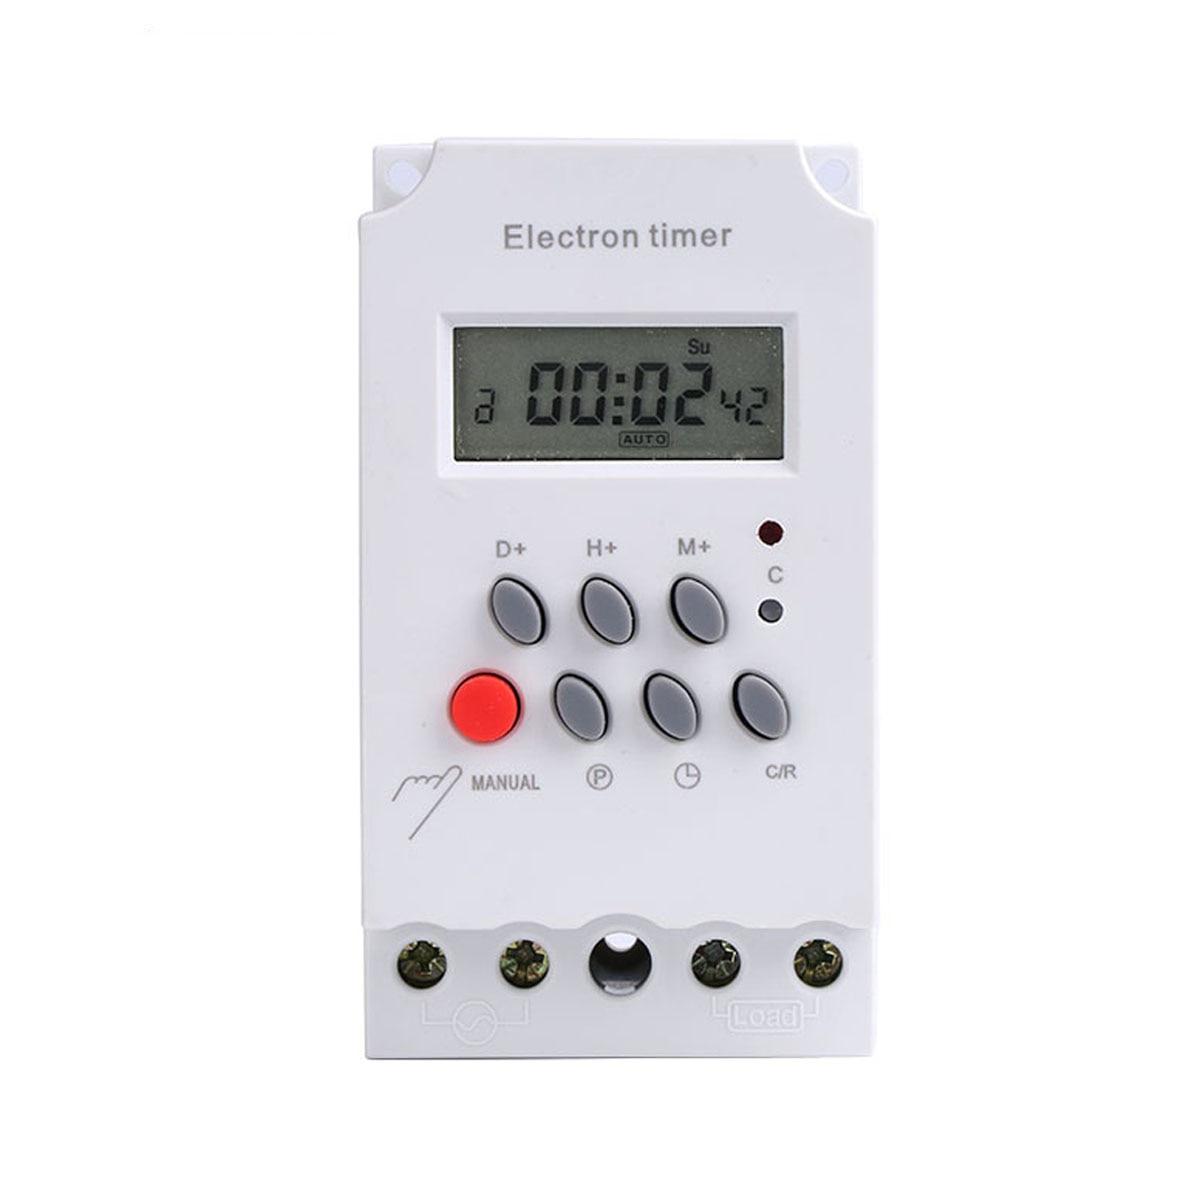 Unparteiisch 1 Pcs Digitale Zeit Schalter Elektron Timer Mit Zyklus Timing Funktion Mikrocomputer Zeit Steuerung Schalter Kg316t-ii Werkzeuge